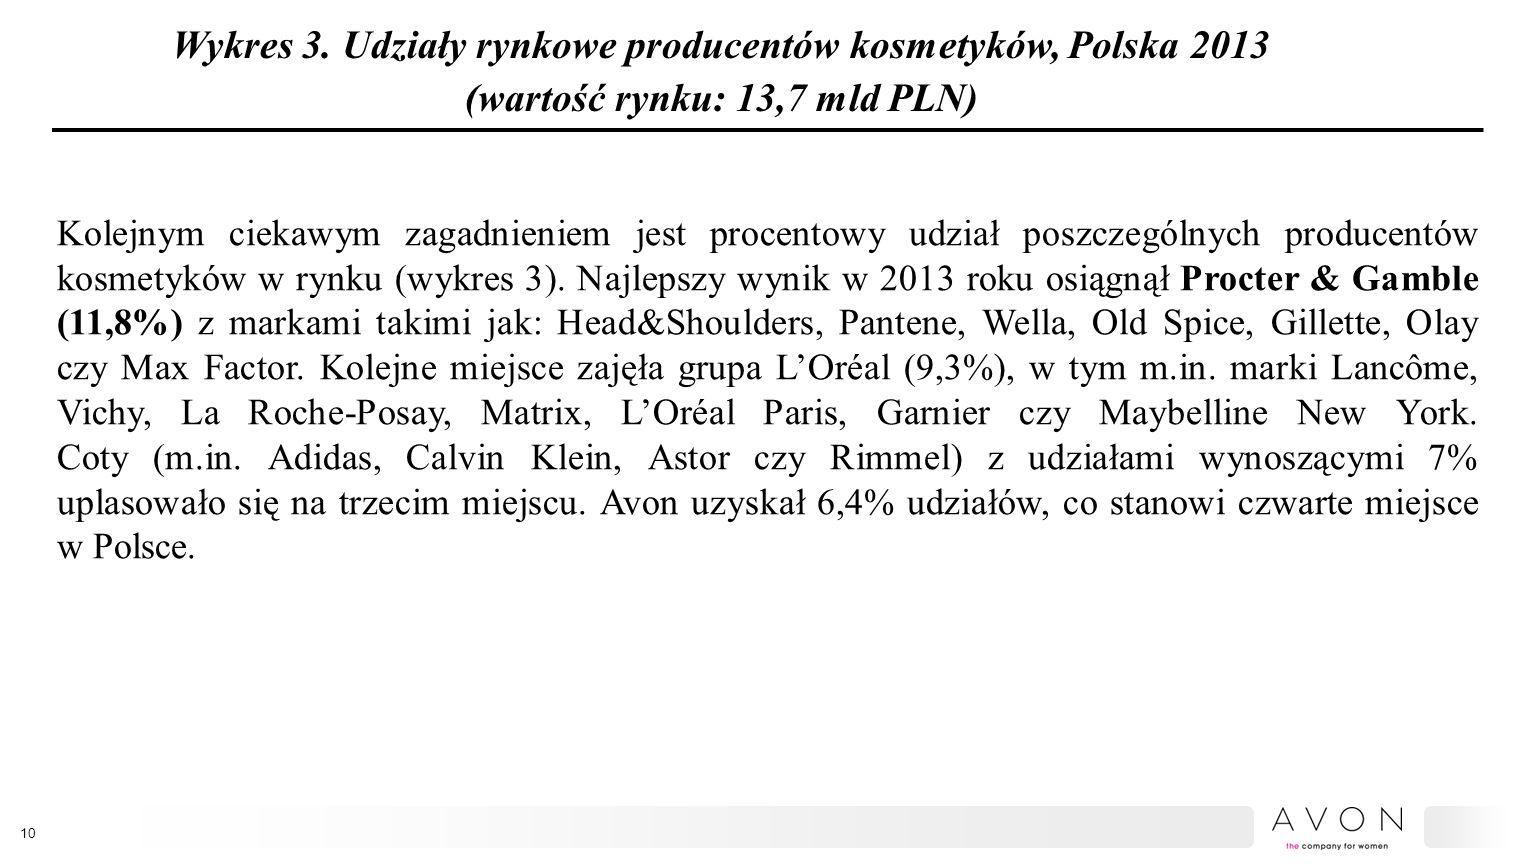 Wykres 3. Udziały rynkowe producentów kosmetyków, Polska 2013 (wartość rynku: 13,7 mld PLN)